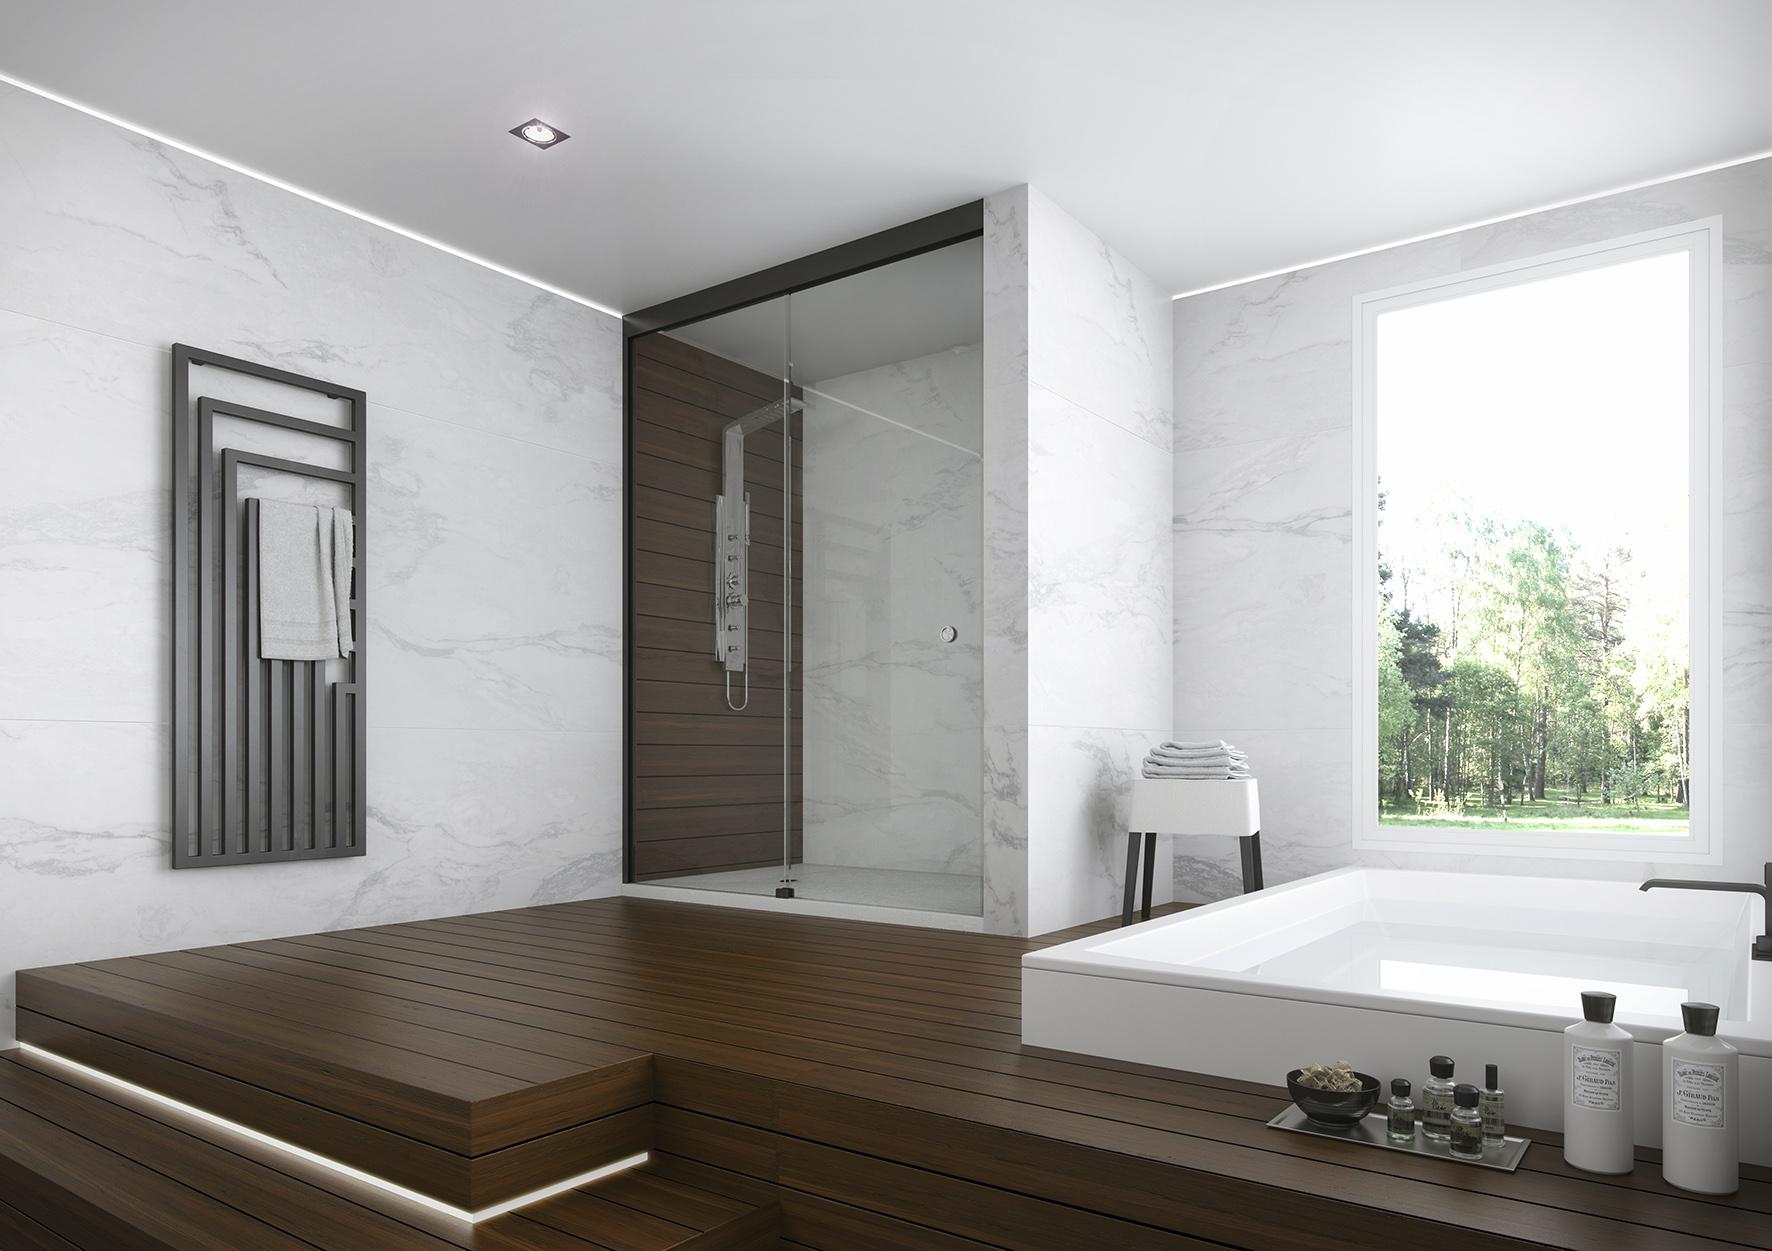 spaziamamparas-de-banomamparas-duchaproyecto-de-banoreformas-de-banobanos-a-medidatres-cantos-4